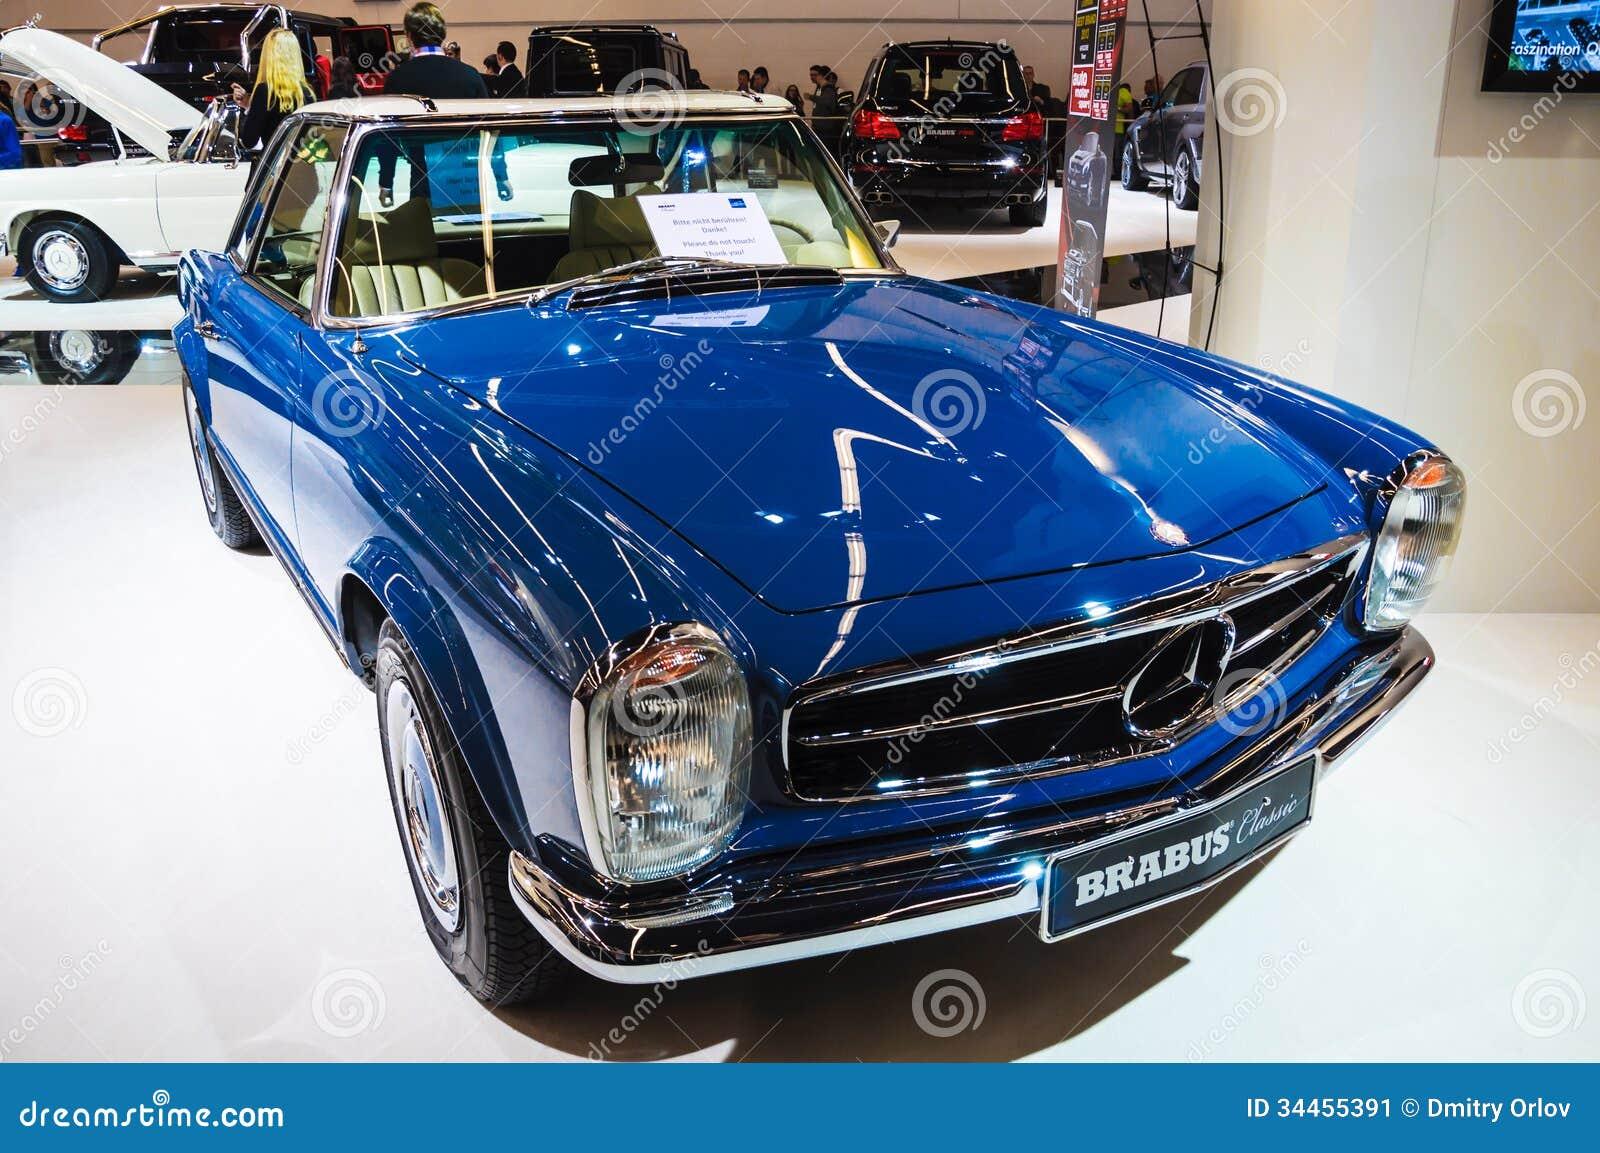 Mercedes benz 280sl car vehicl wrap mercedes benz merced pagoda - Frankfurt Sept 21 Mercedes Benz Sl Pagode Brabus Classic Pres Editorial Photo